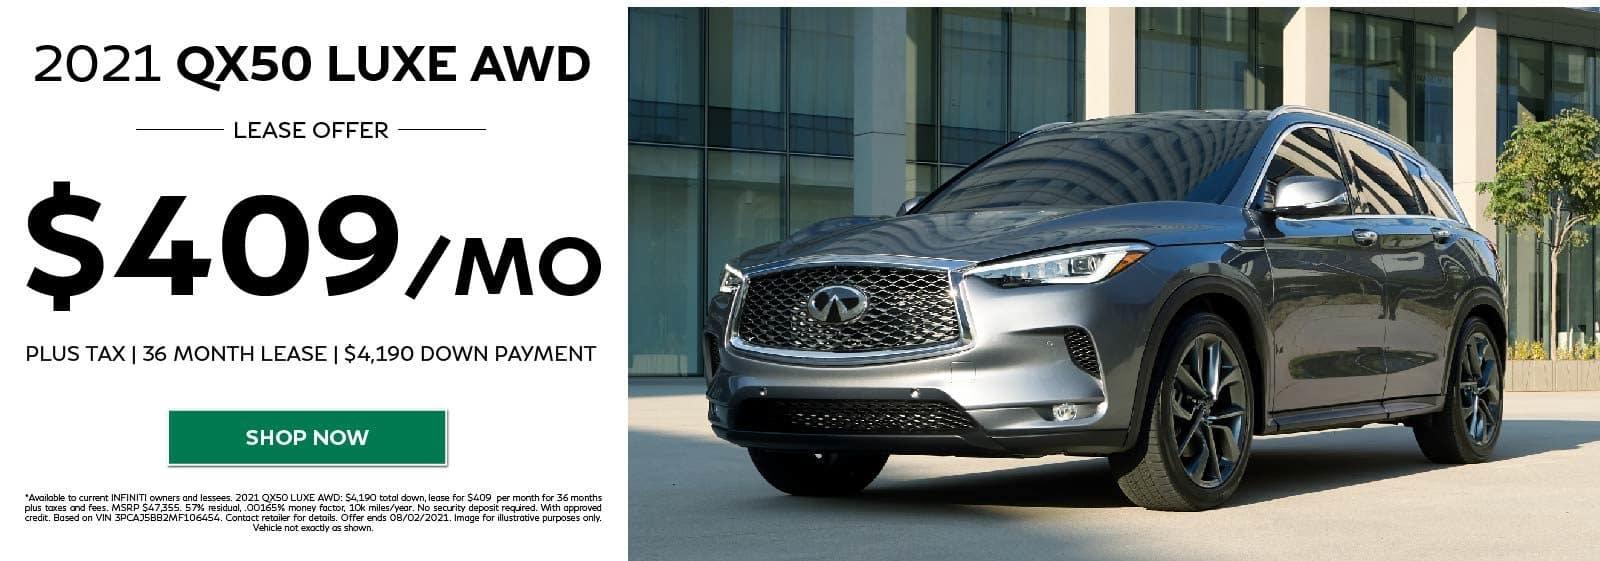 2021 QX50 LUXE AWD $409/MO 36 MOS